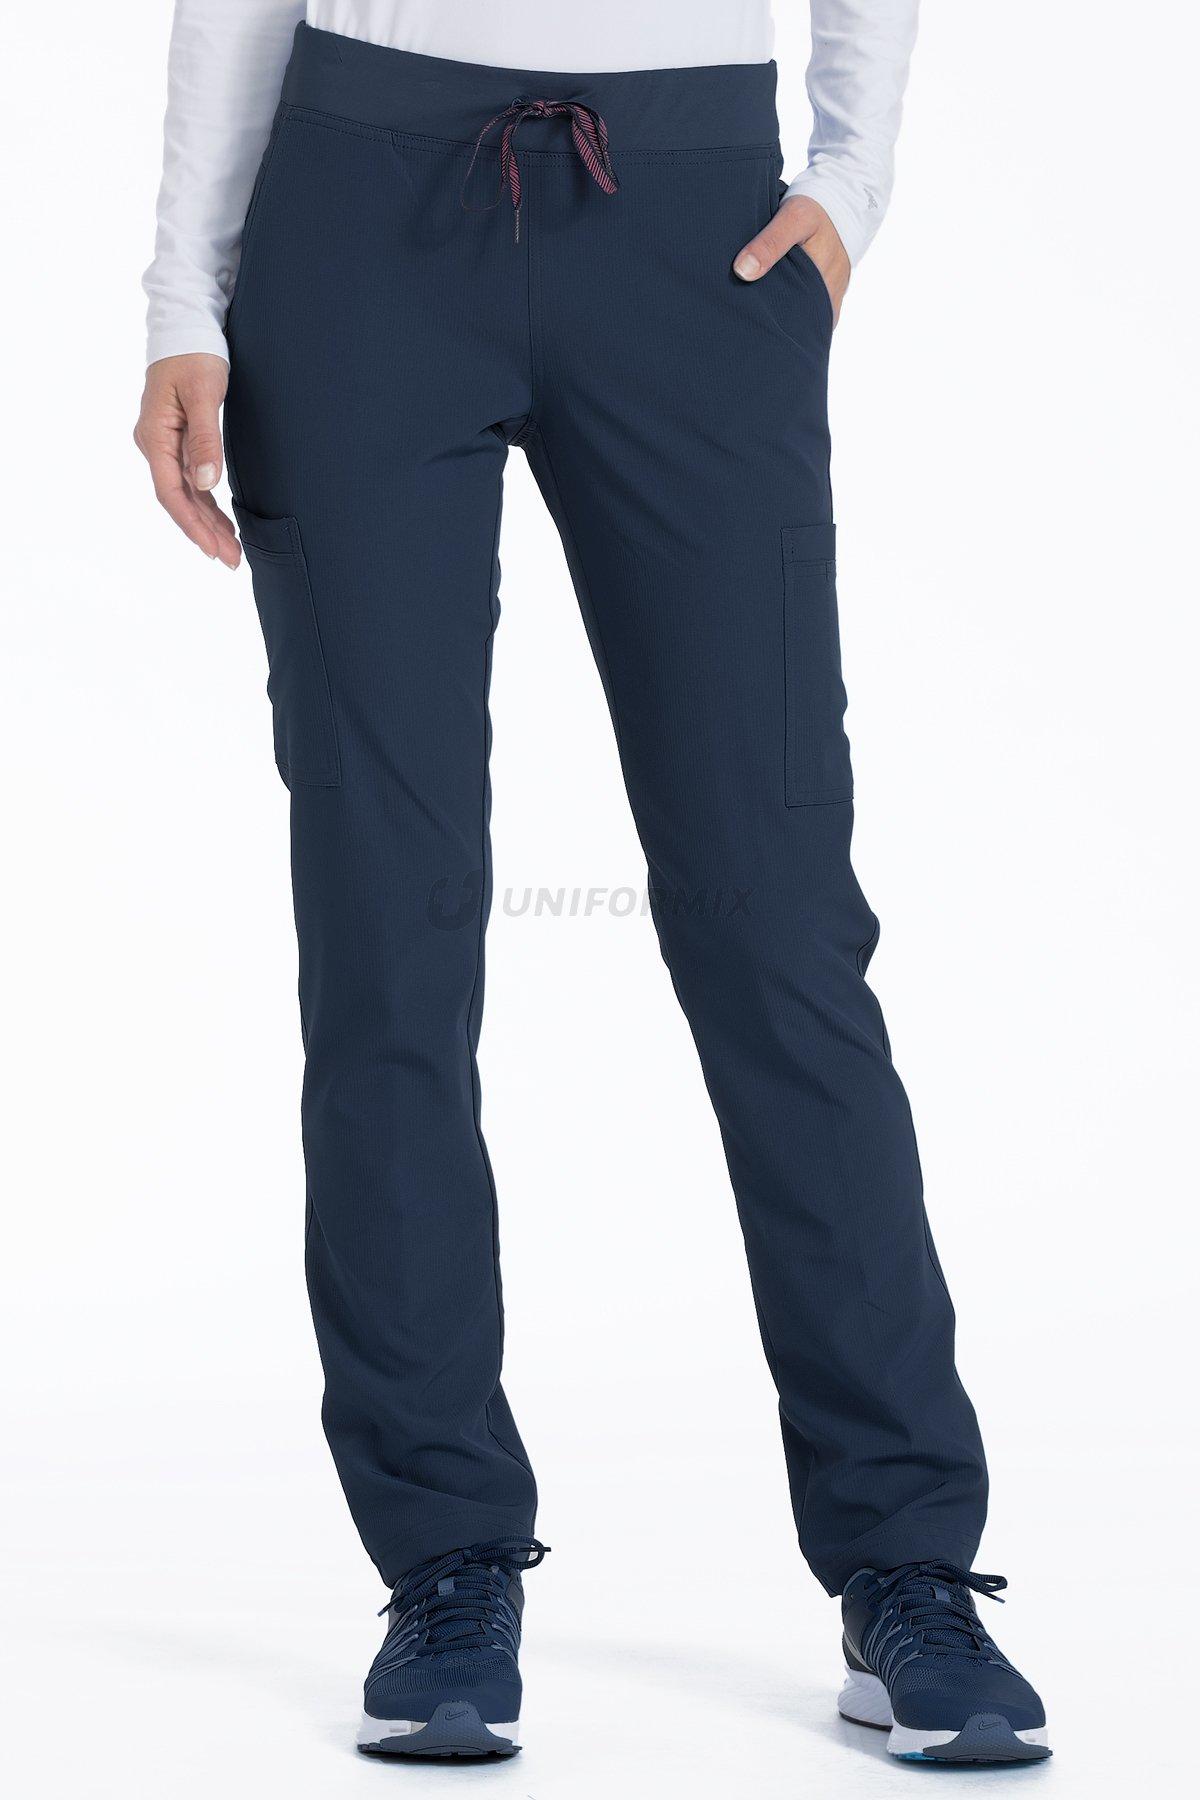 22af91be Spodnie medyczne damskie Med Couture, 8780-NNTP